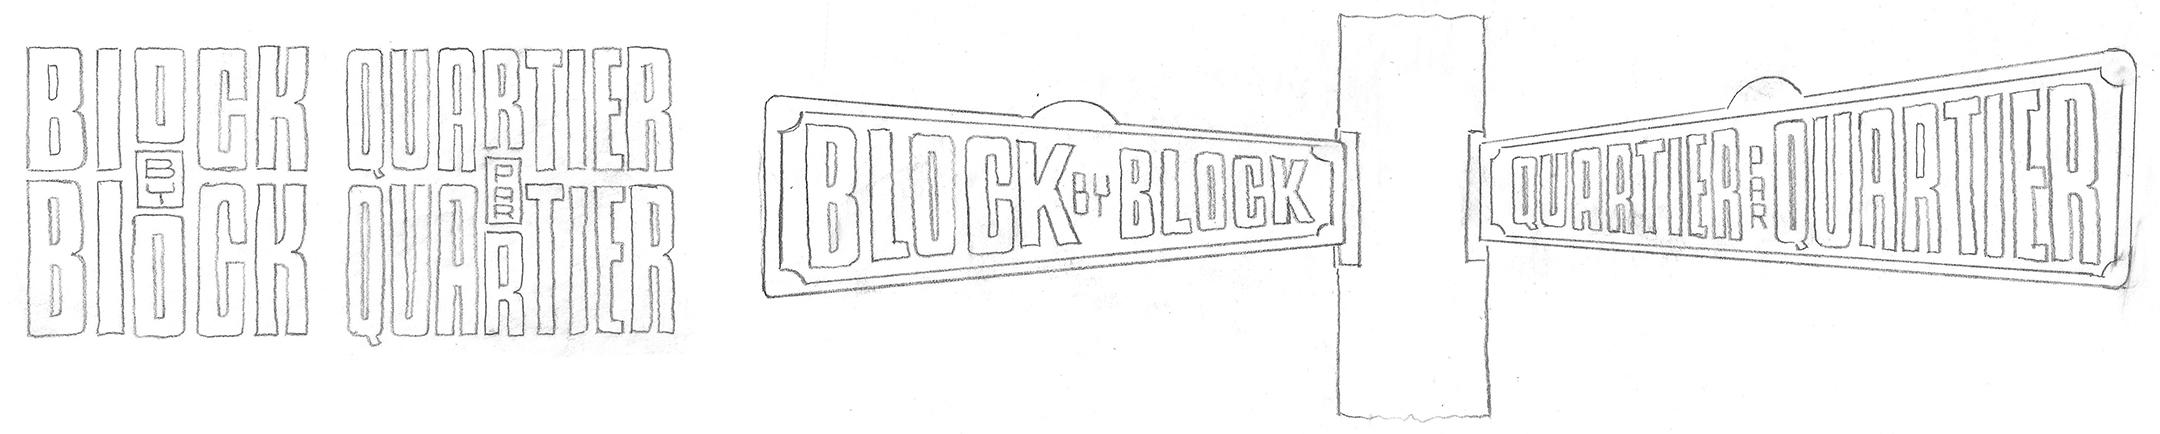 LogoConcepts2